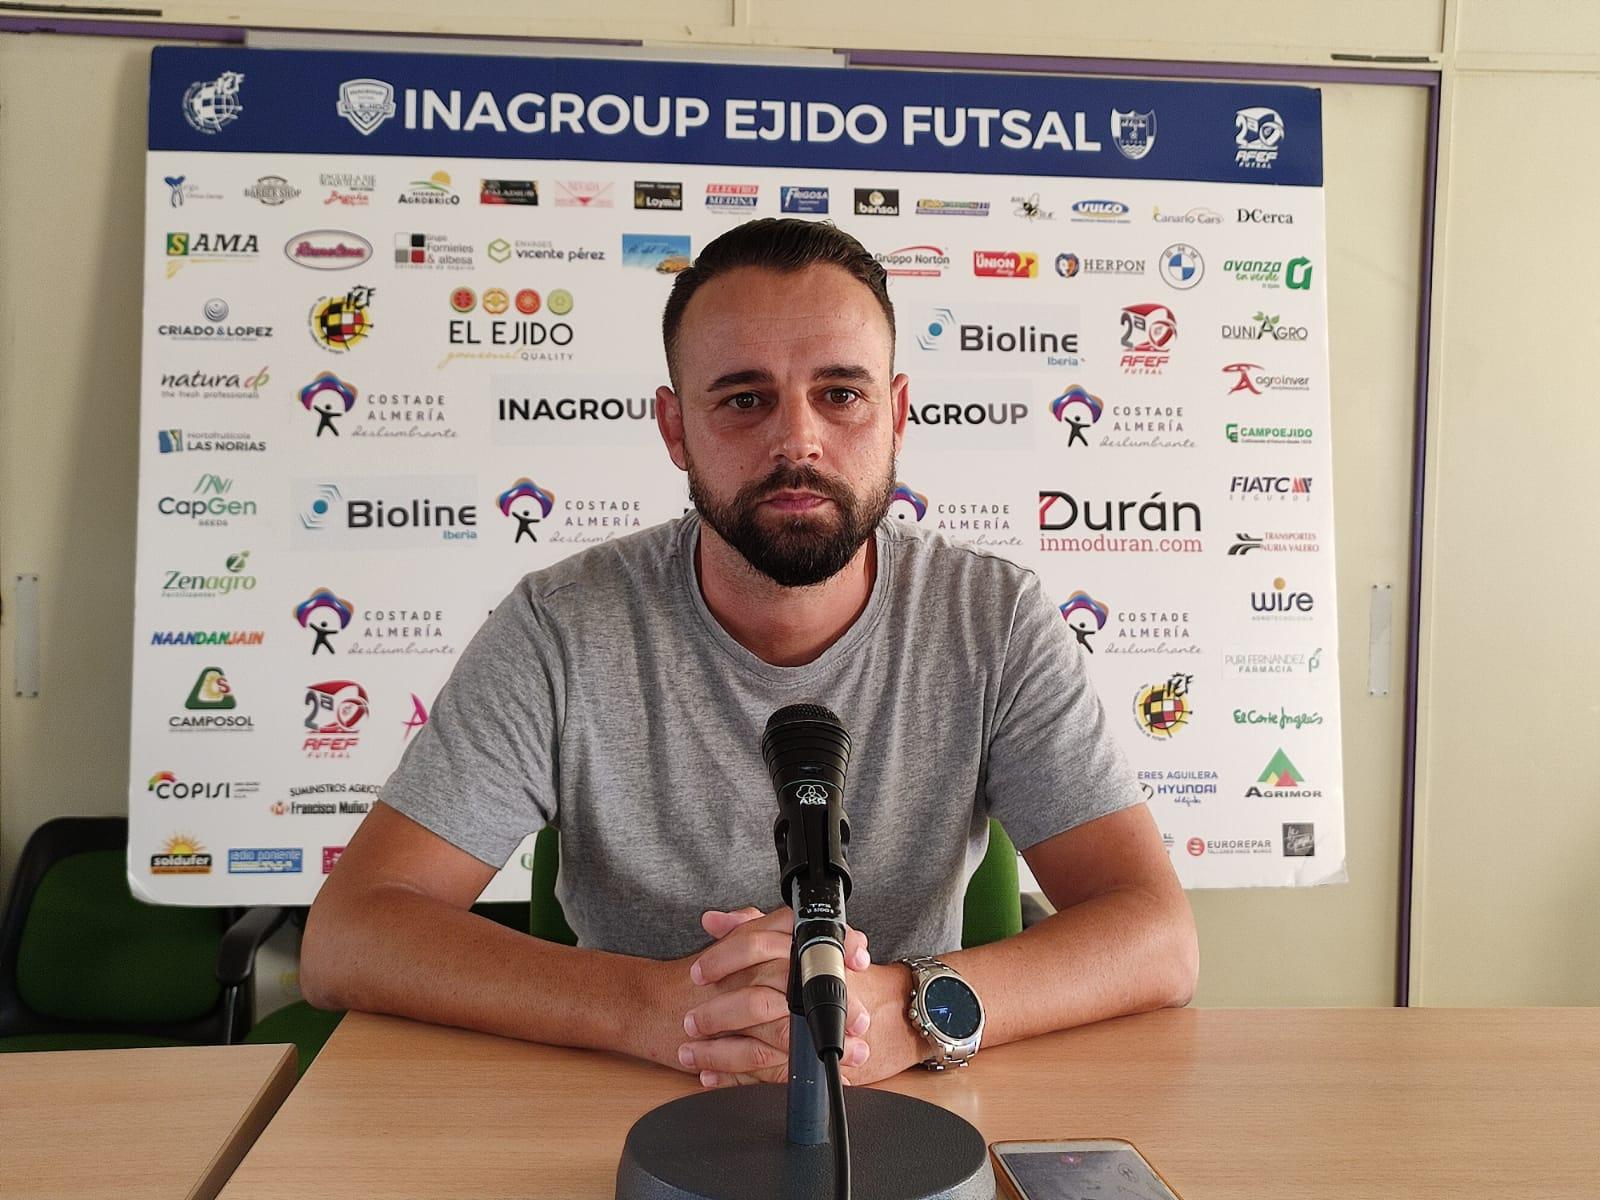 Inagroup El Ejido Futsal se desplaza a Calvia en el primer encuentro de José Fernández al frente del equipo